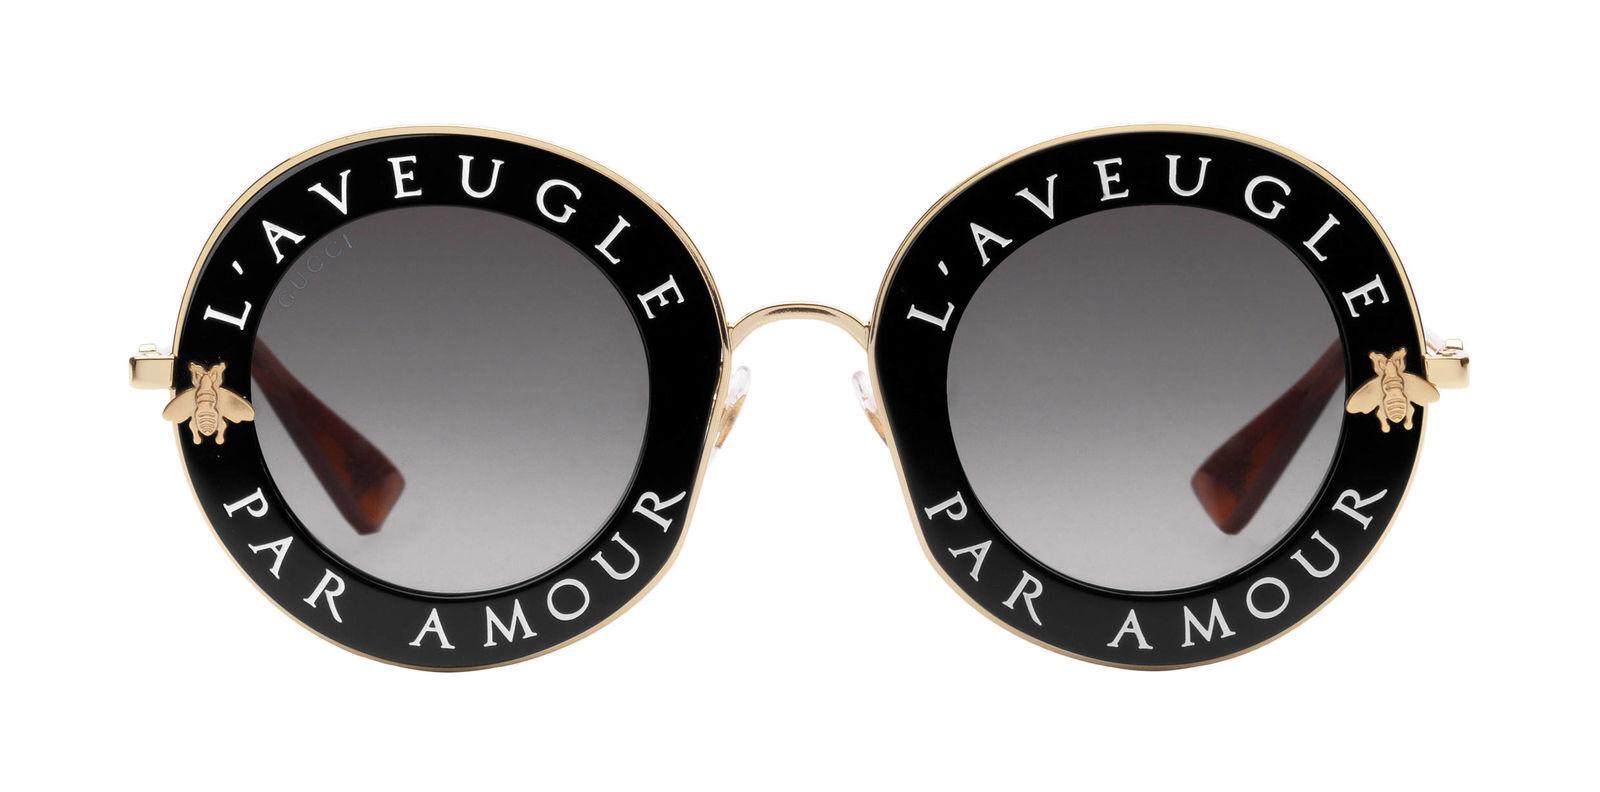 33c290ea522 Authentic Gucci Gg0113s 001 Black Gold Sunglasses 44mm L aveugle Par ...